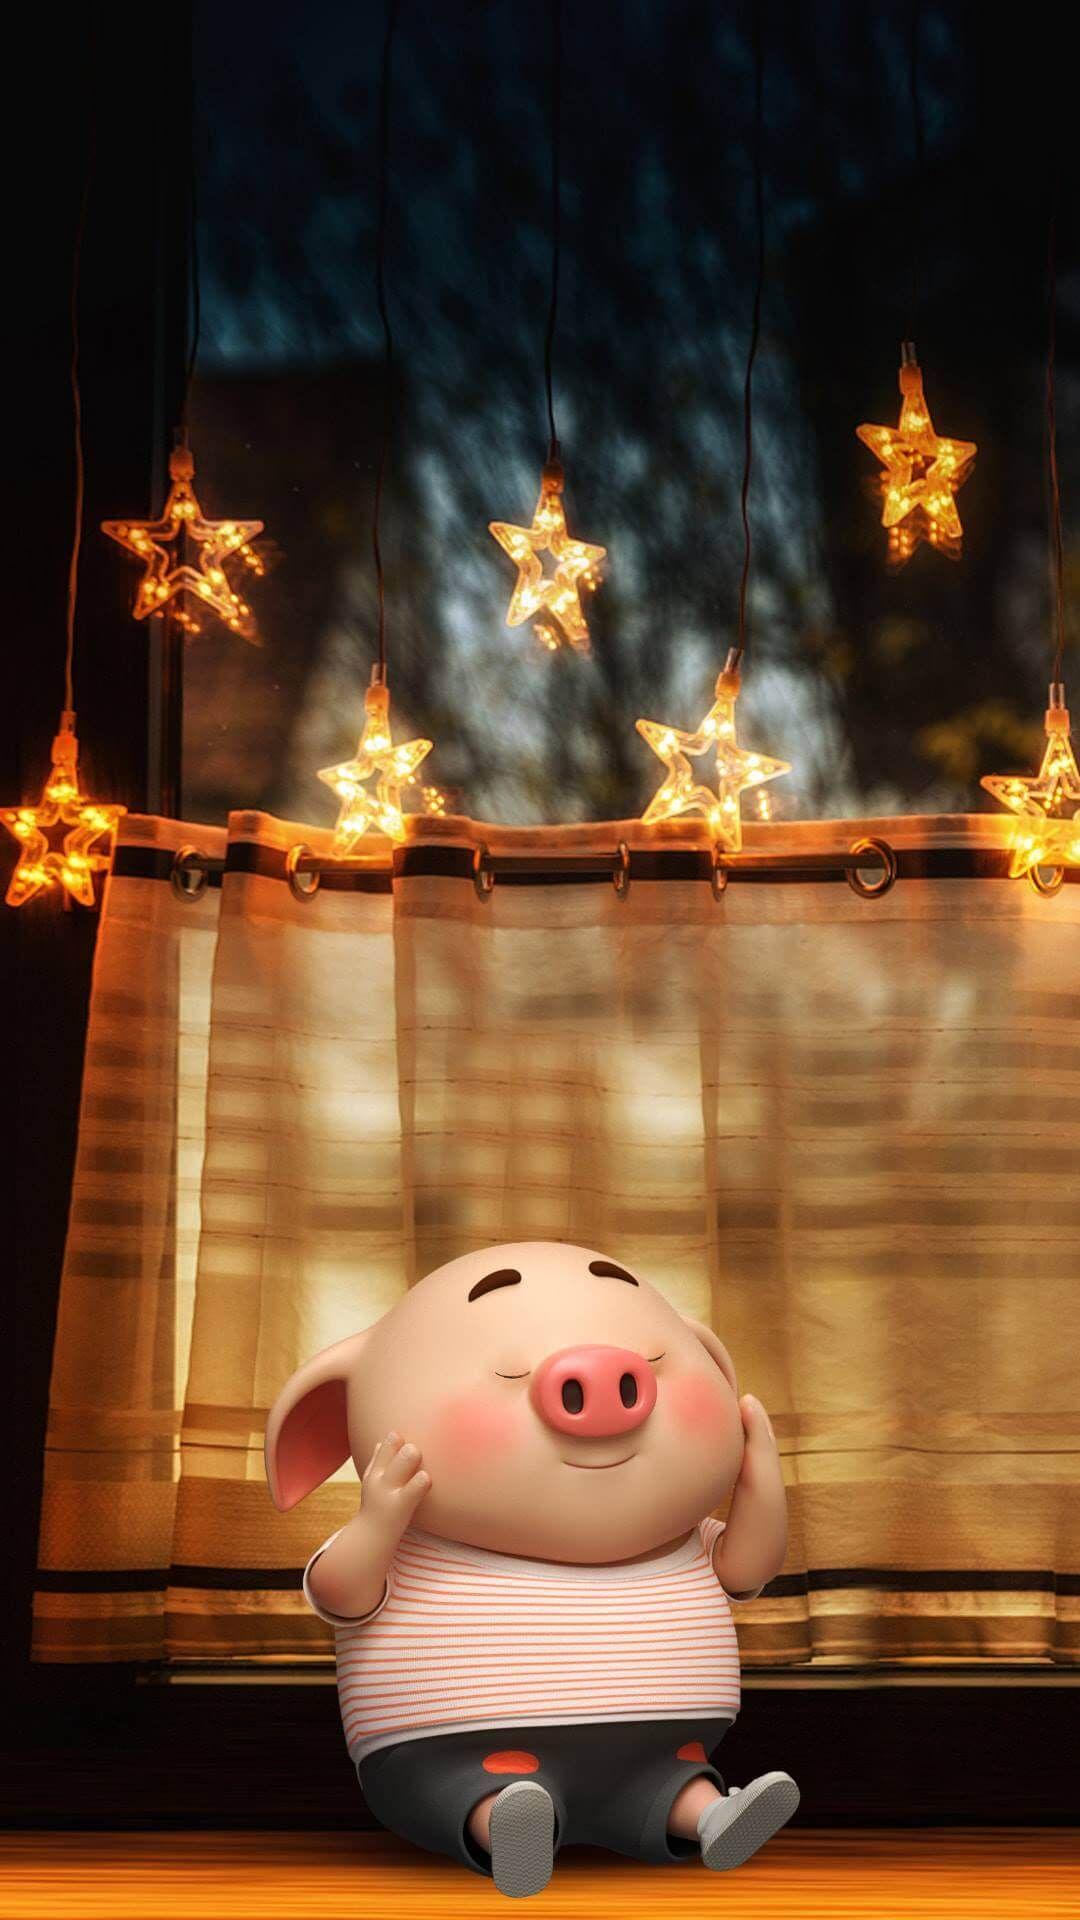 Hình nền cho iphone chú lợn tinh nghịch cực dễ thương - hình nền tết đẹp